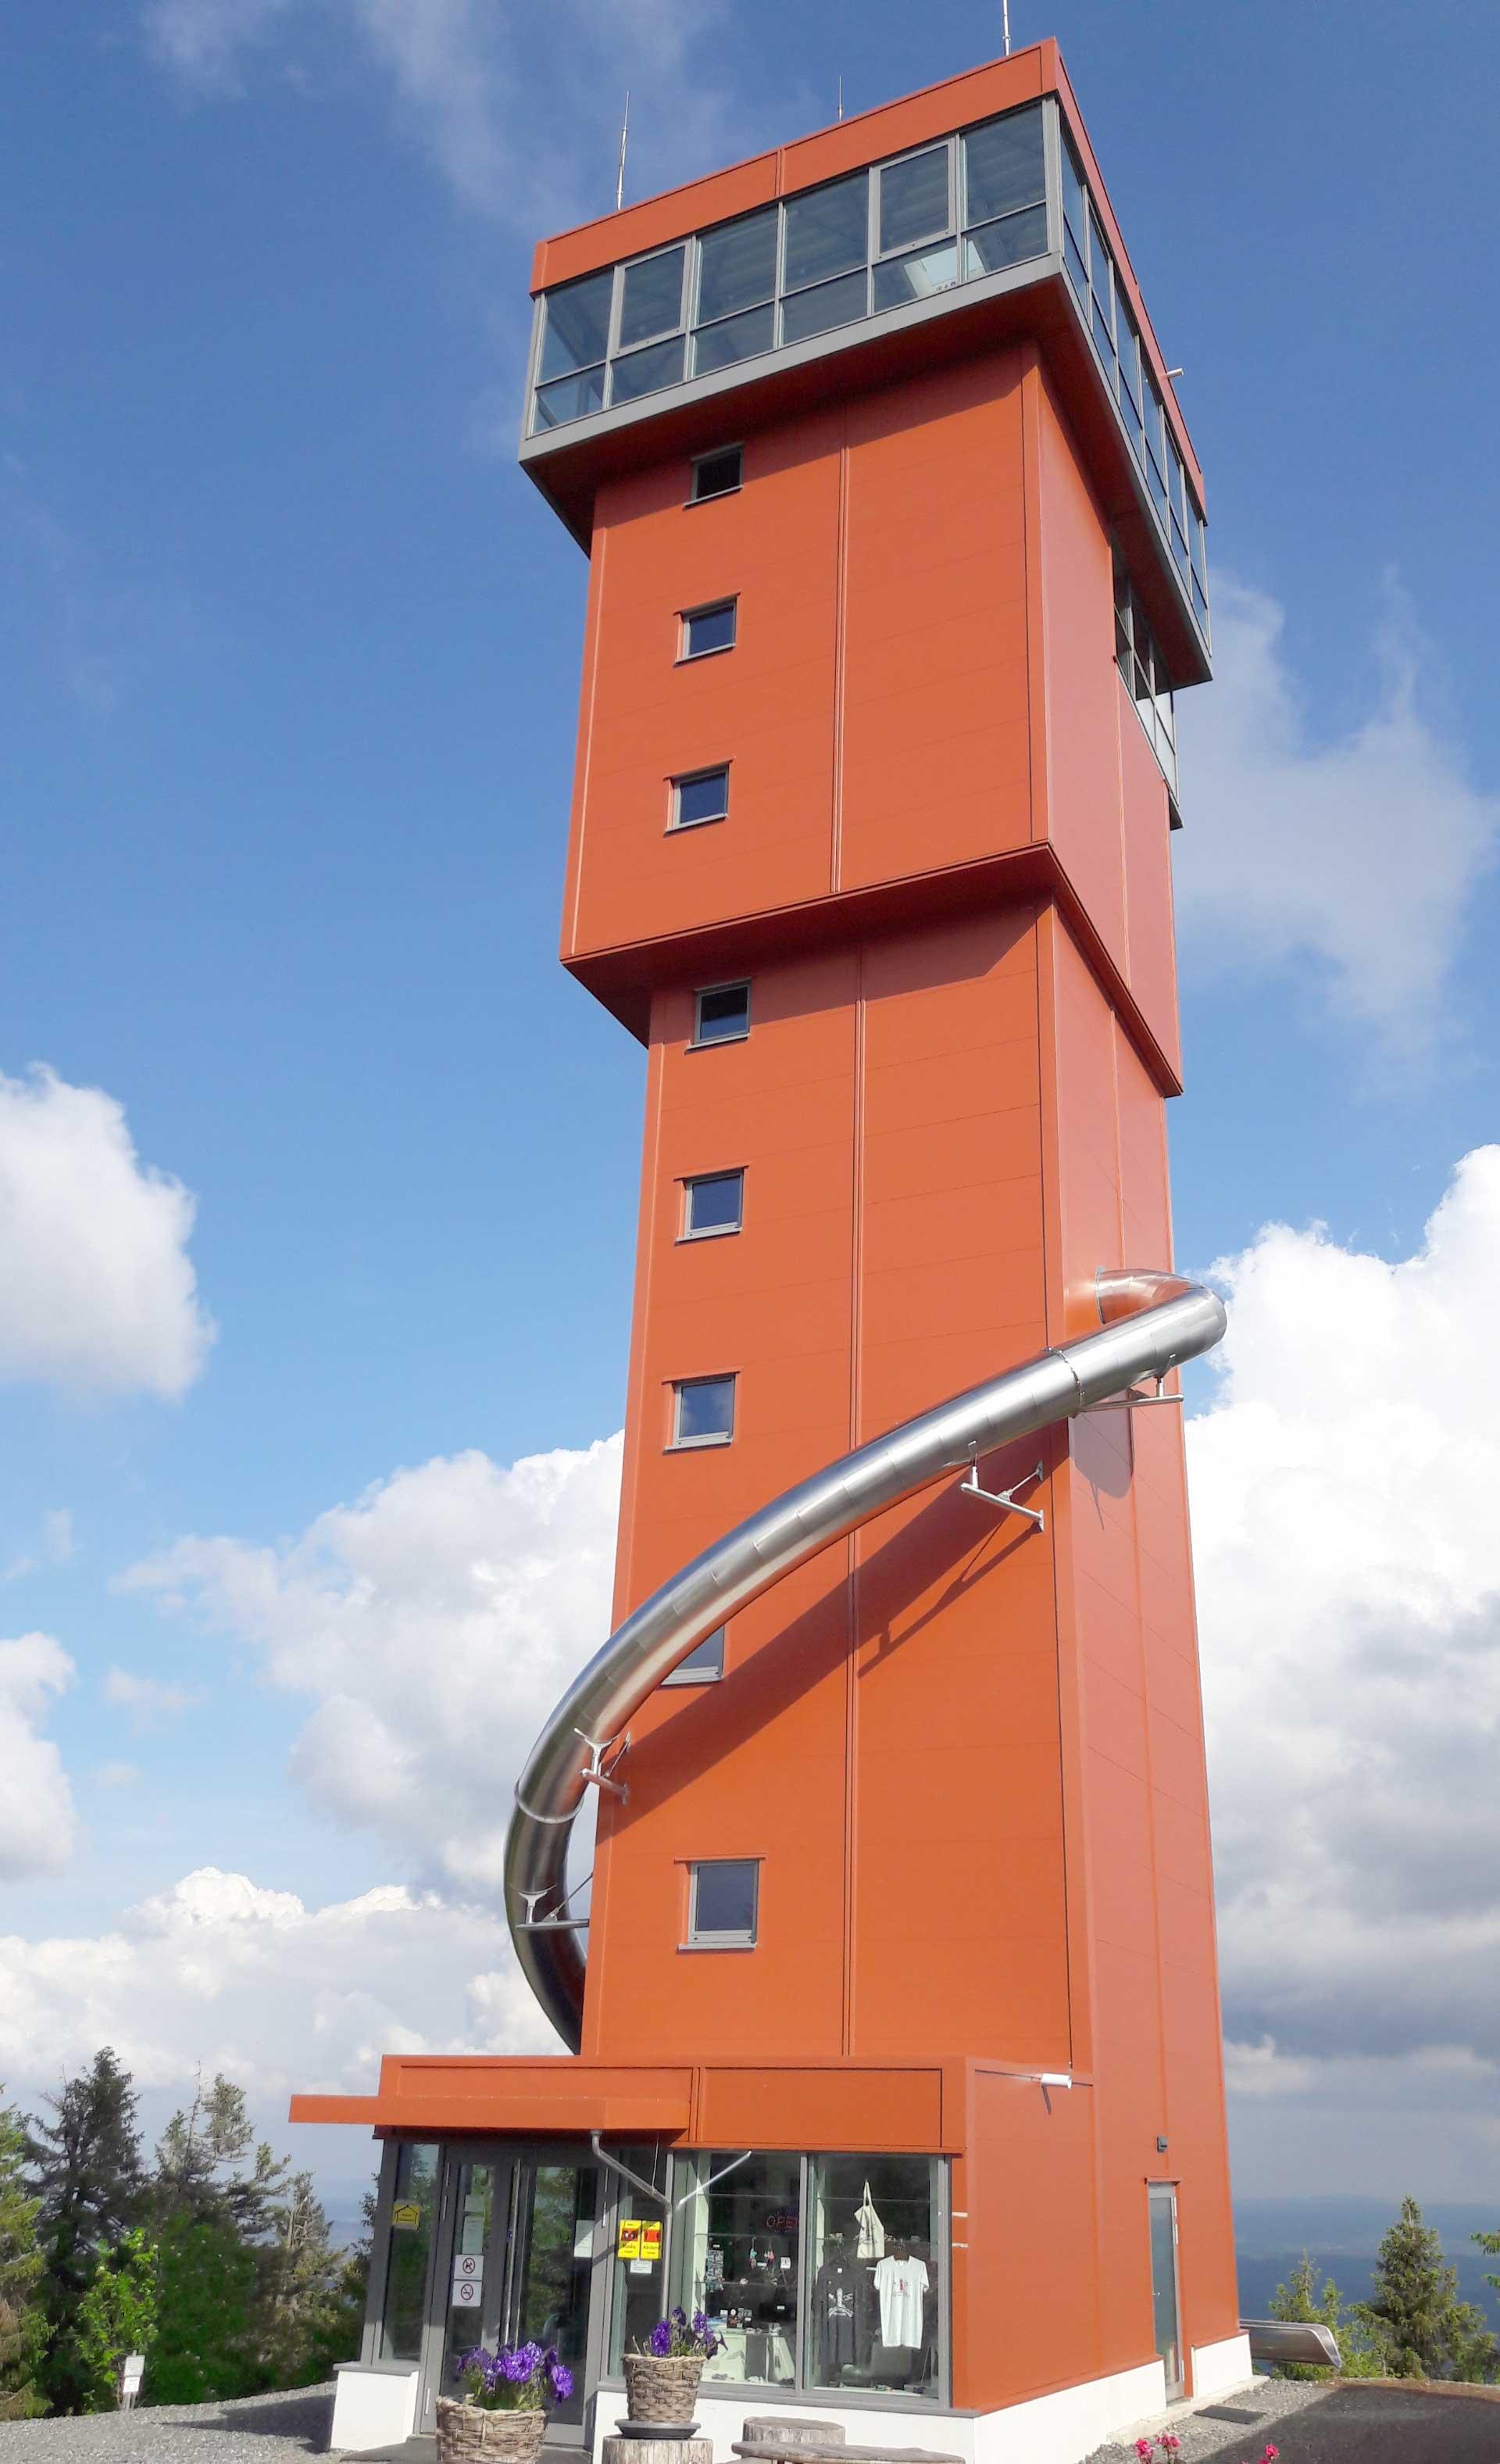 wurmbergturm8l.jpg